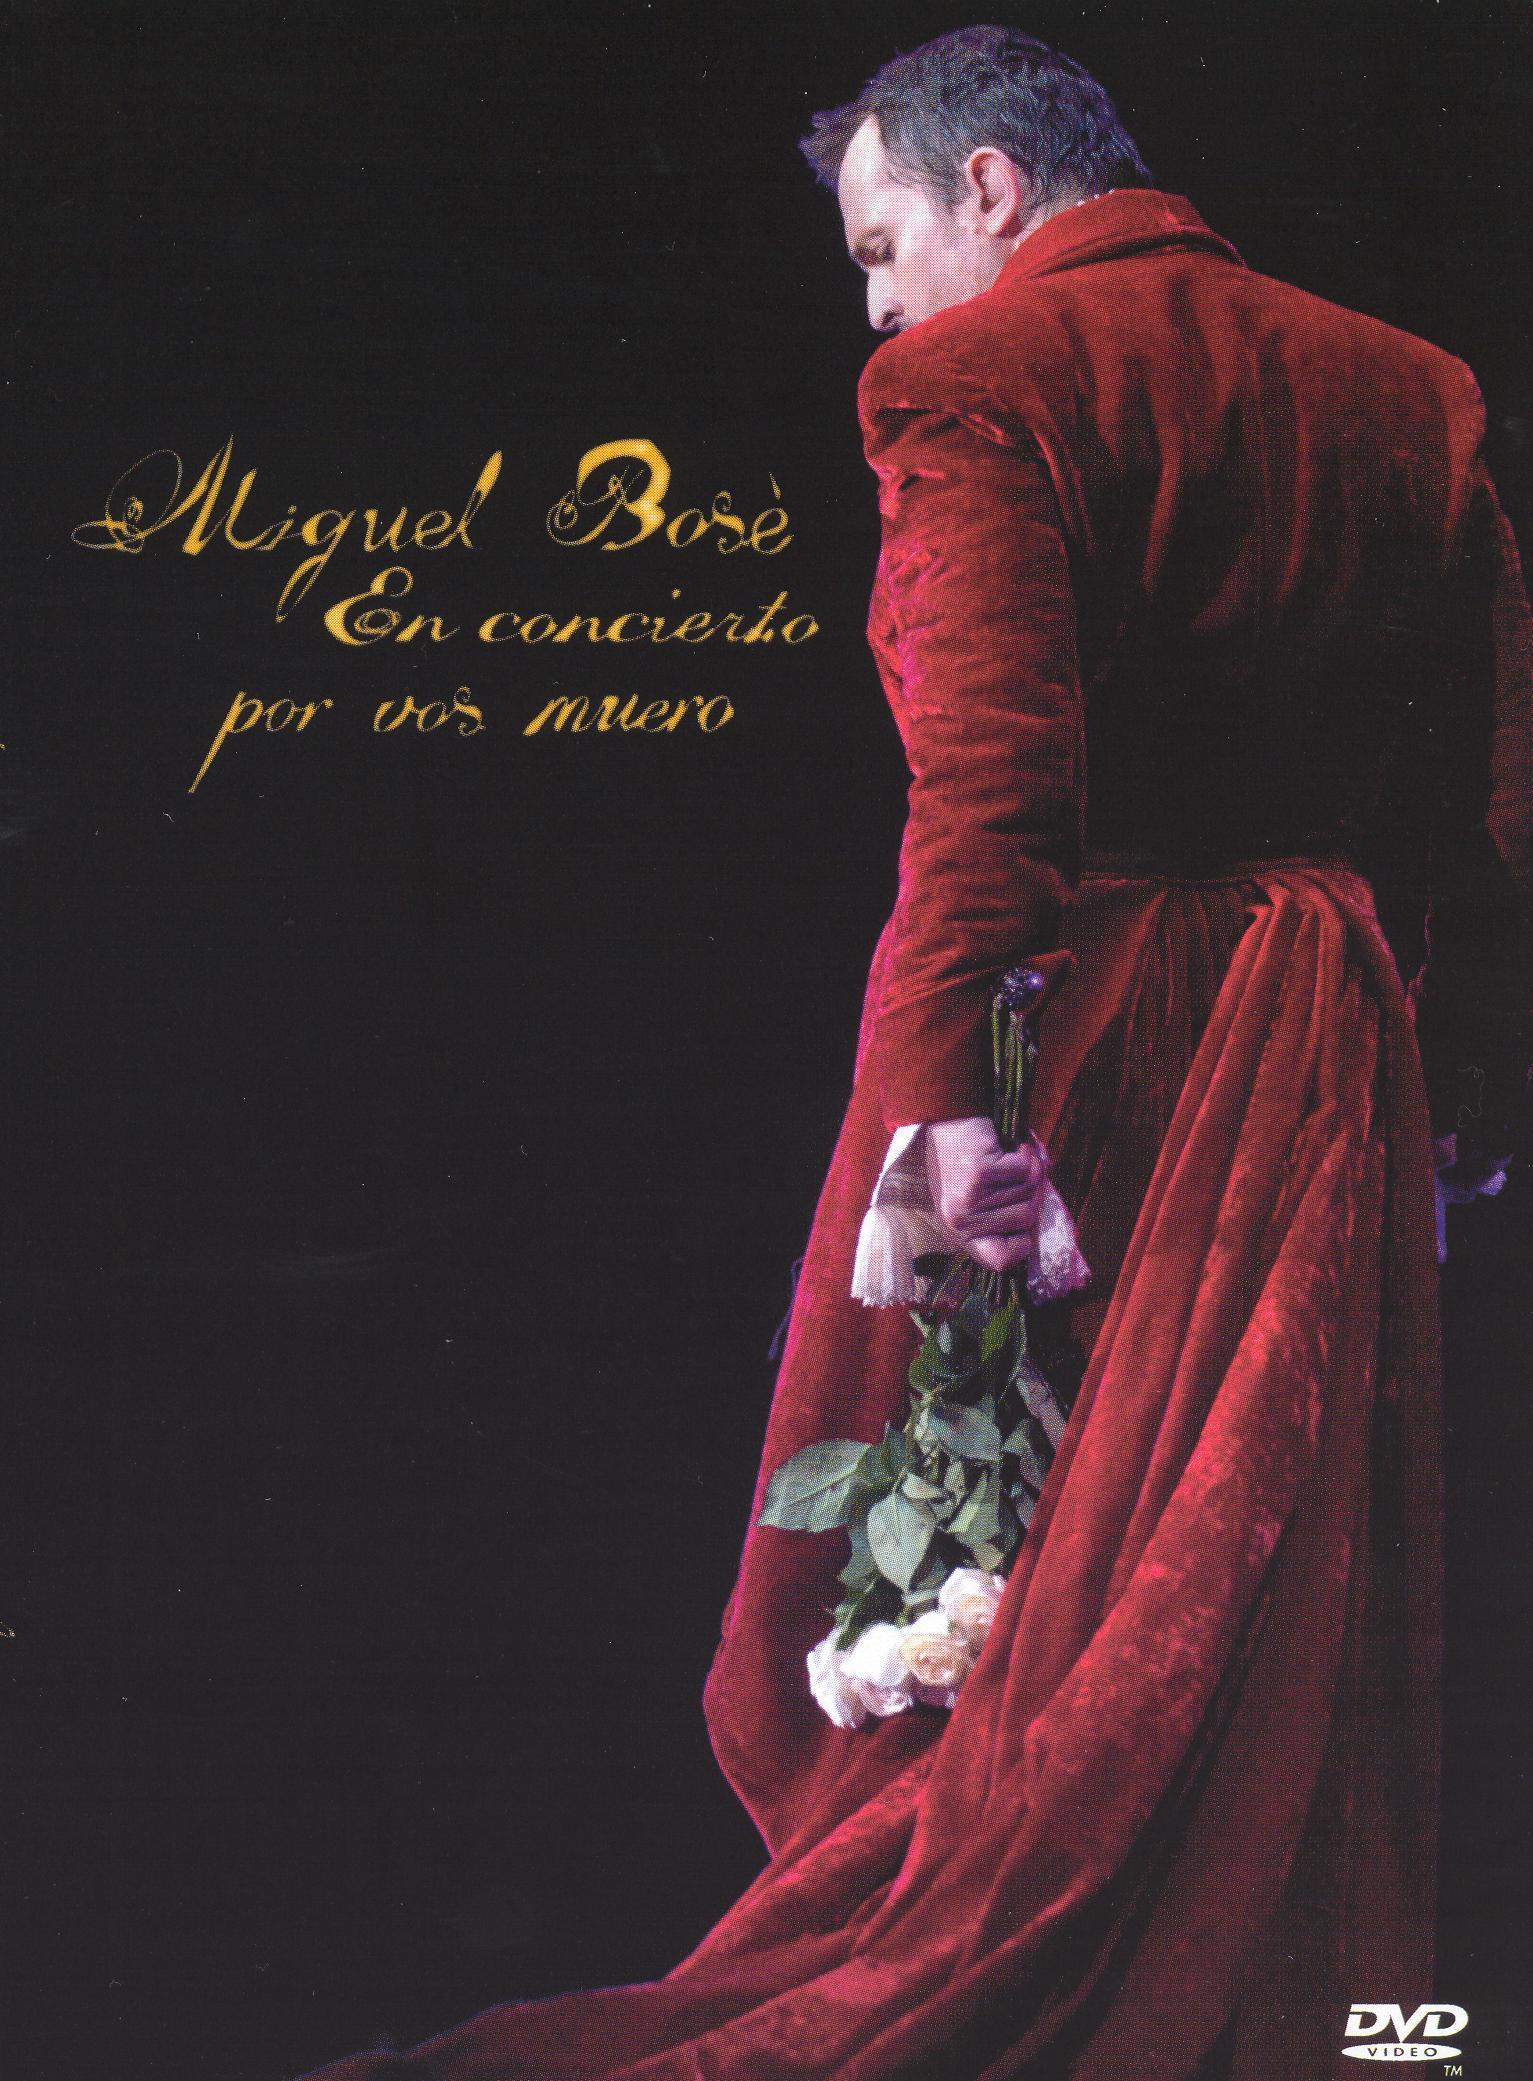 Miguel Bose En Concierto: Por Vos Muero